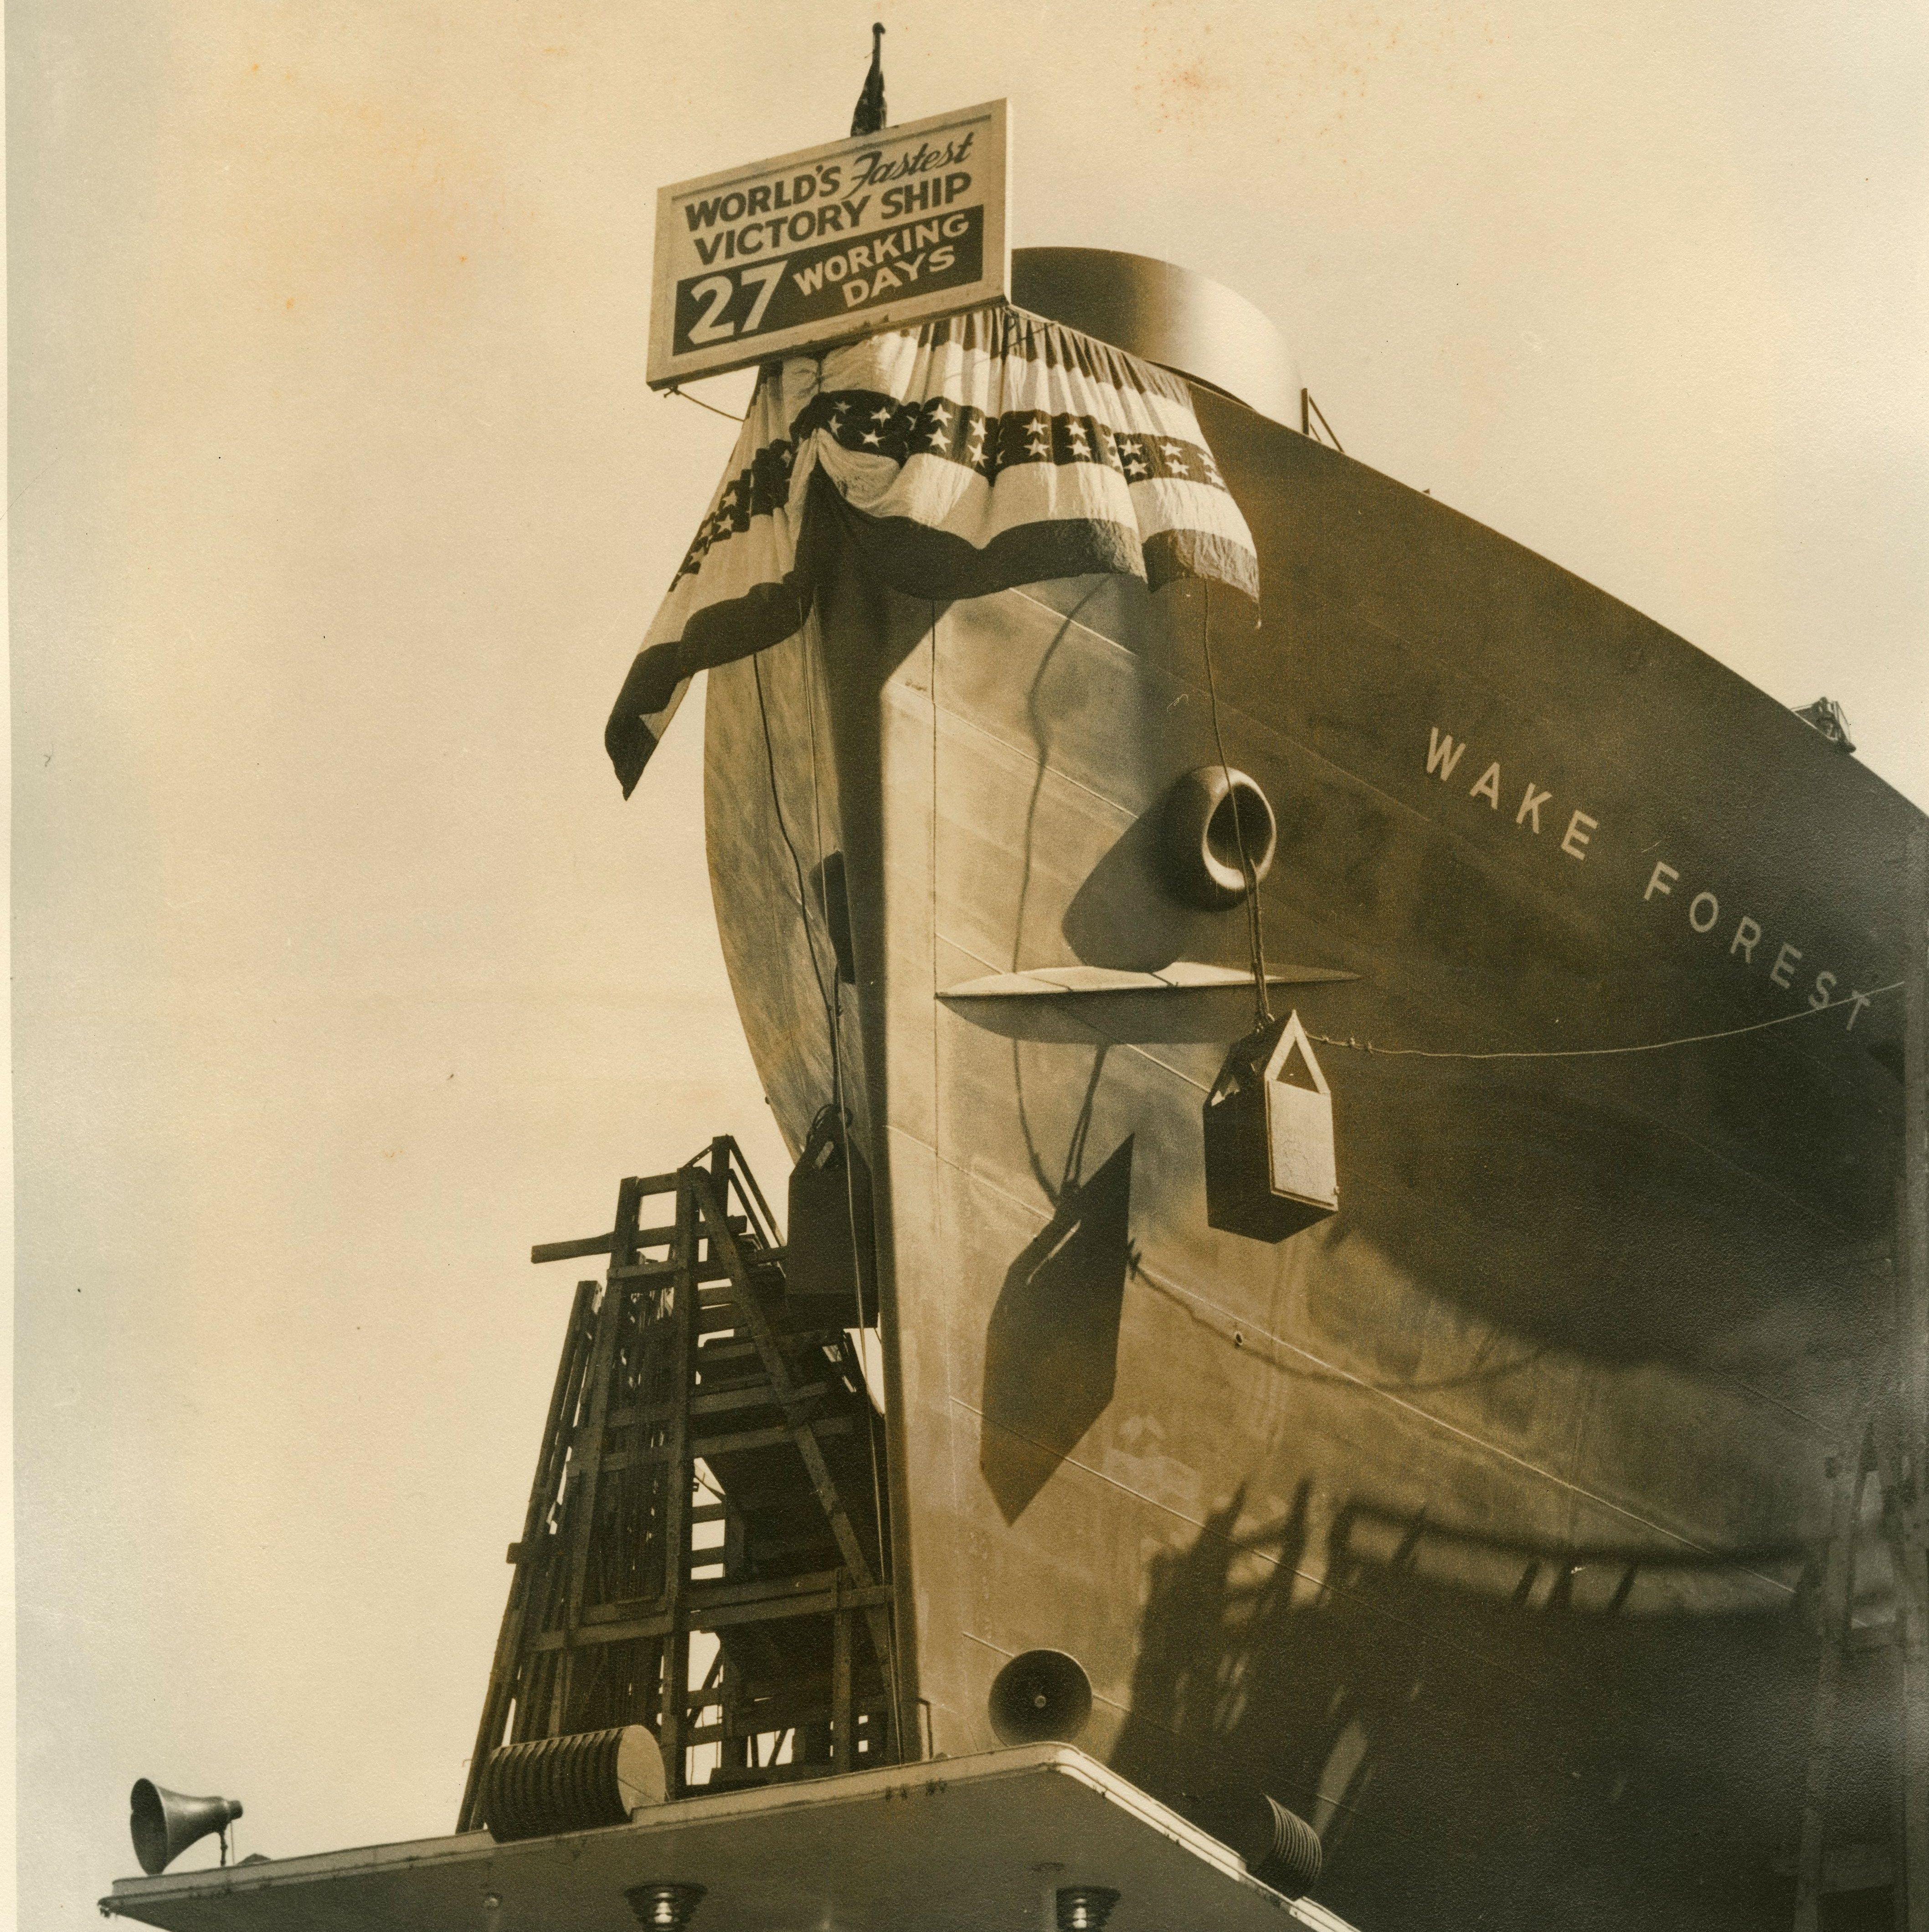 Looking up at ship.